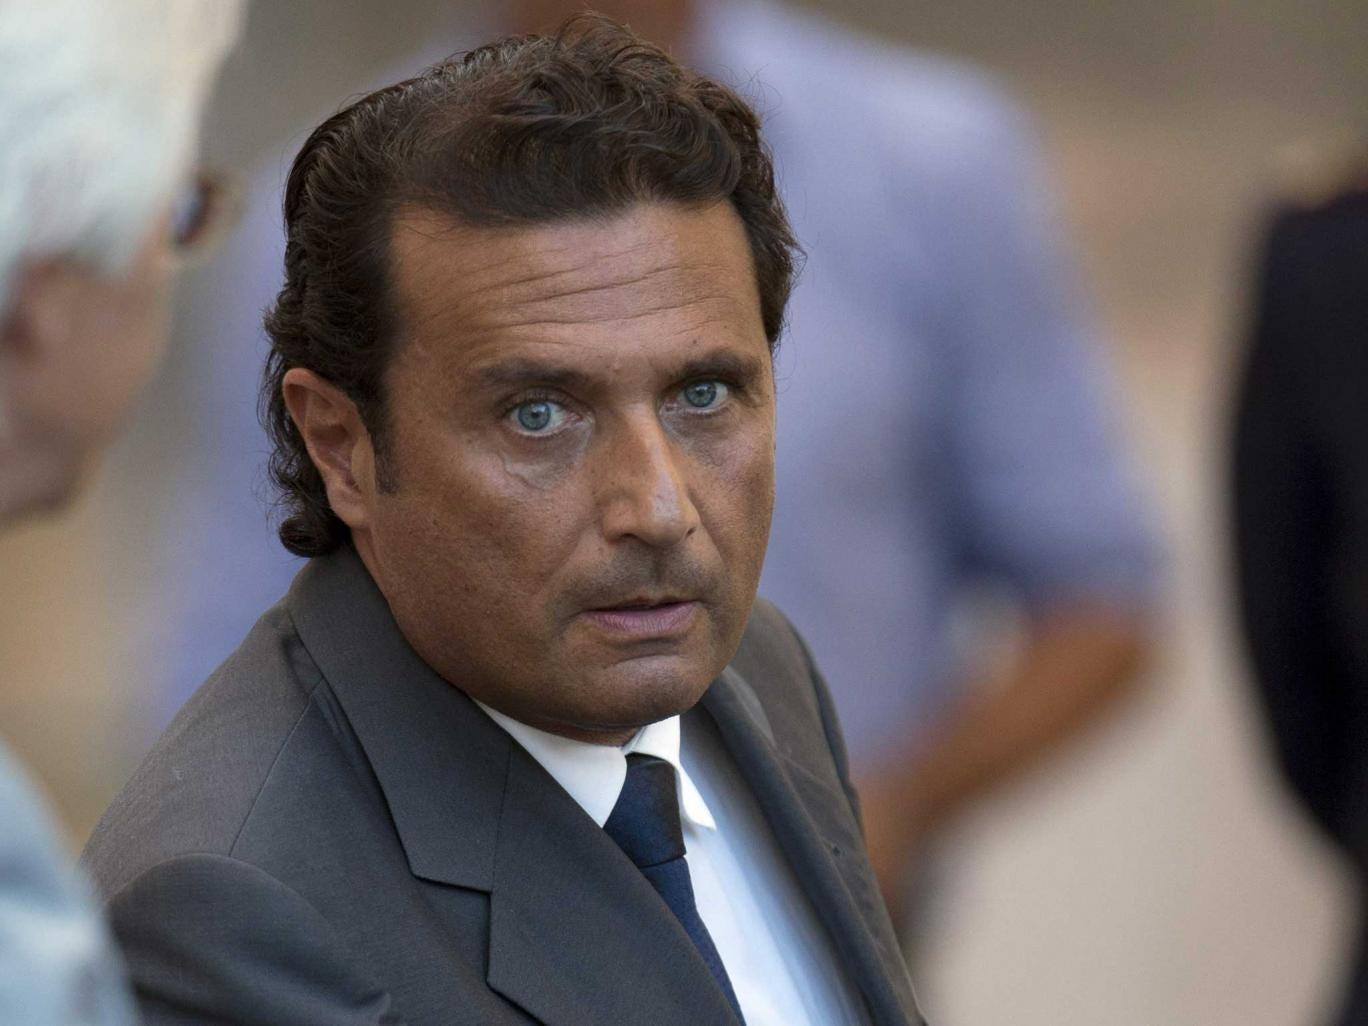 Captain Francesco Schettino leaves the court room